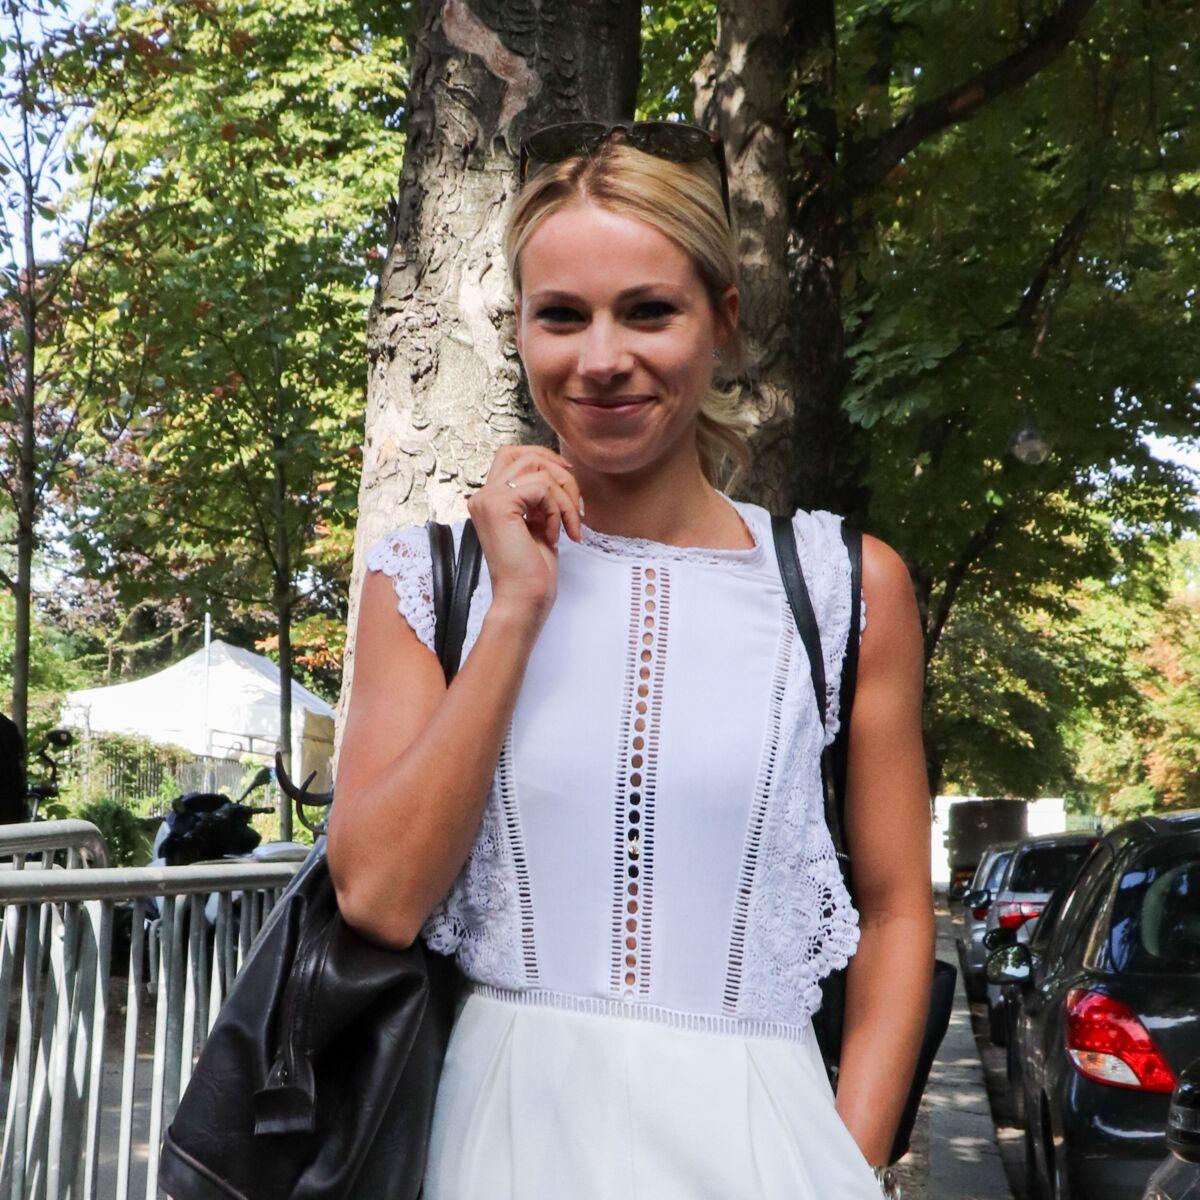 C Est Fini Marion Rousse Se Separe De Son Compagnon Cycliste Tony Gallopin Apres 12 Ans D Amour Femme Actuelle Le Mag